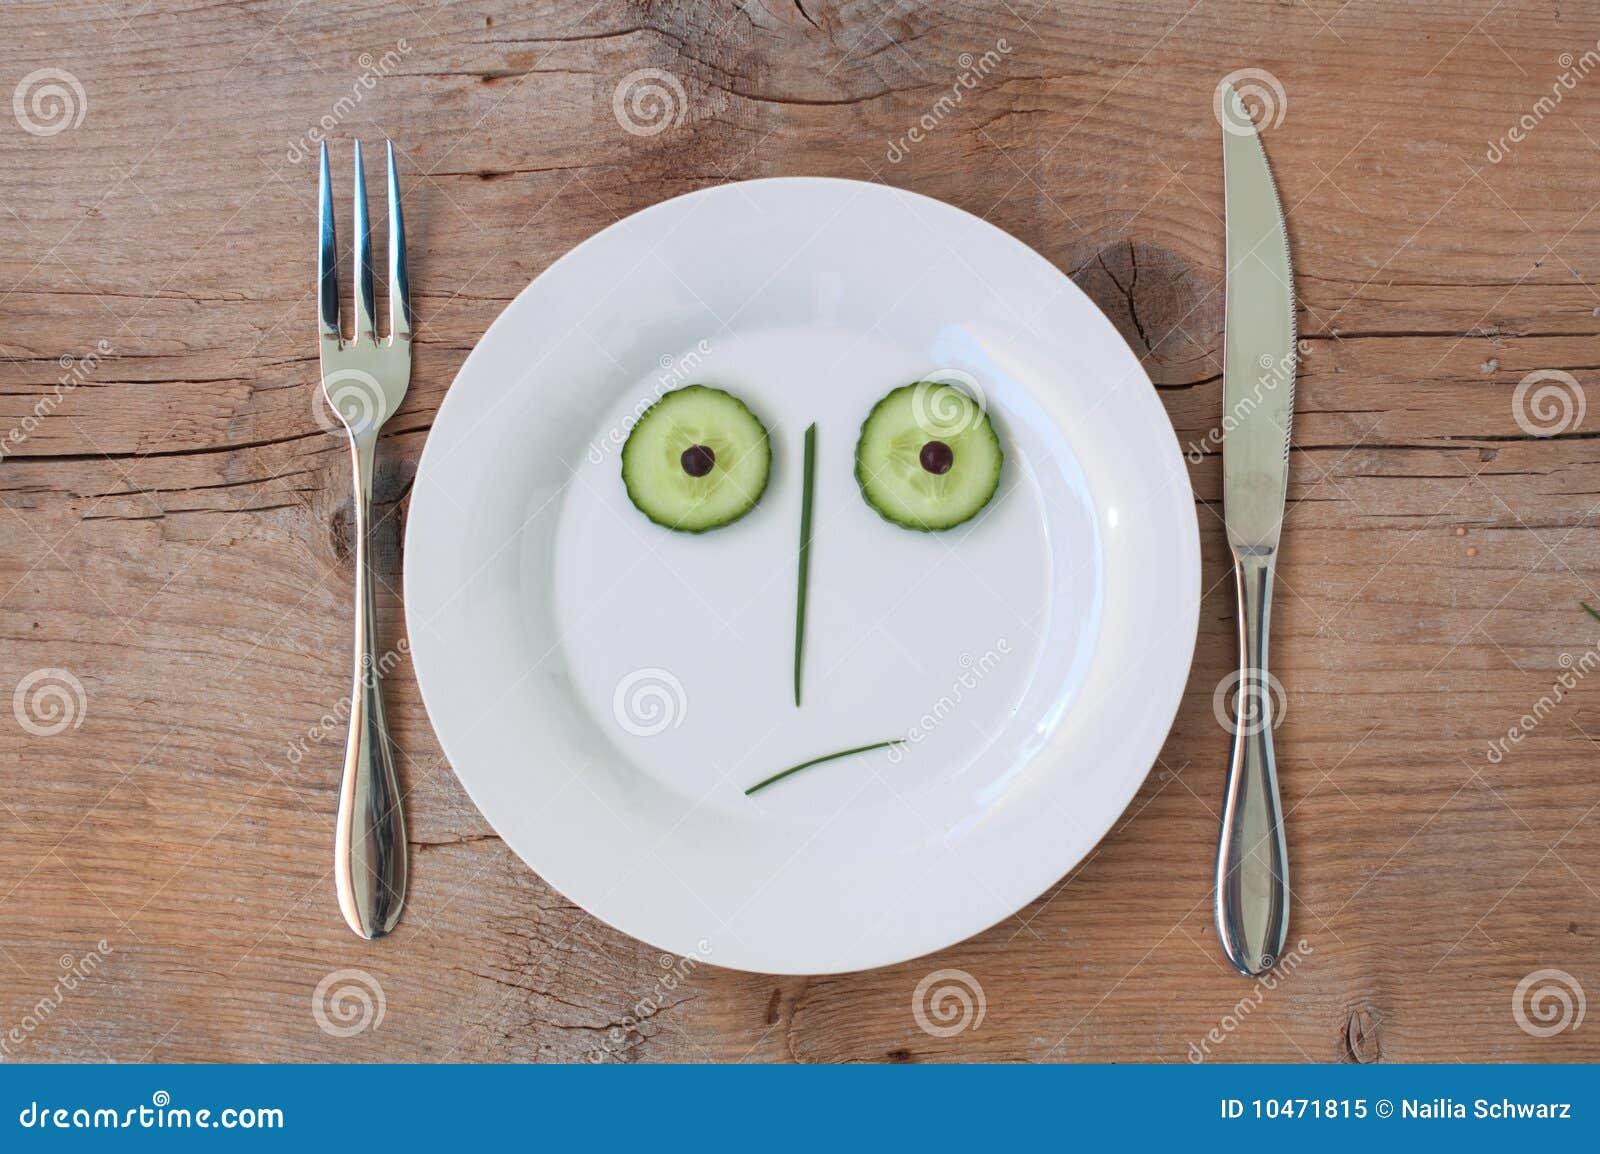 Cara vegetal en la placa - varón, dado una sacudida eléctrica